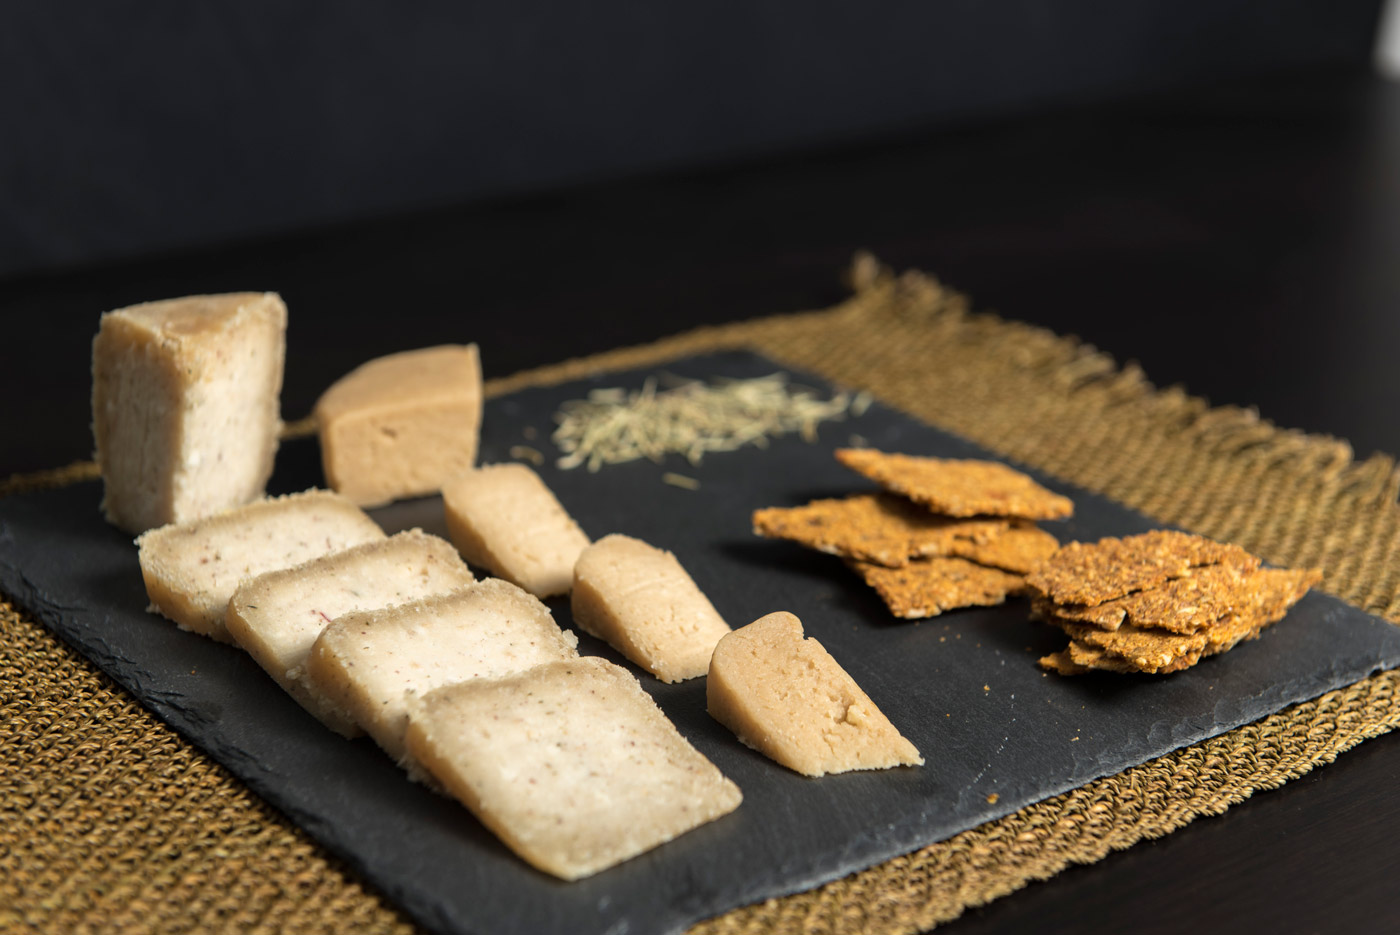 Dieta Crudivegana: Quesos crudiveganos